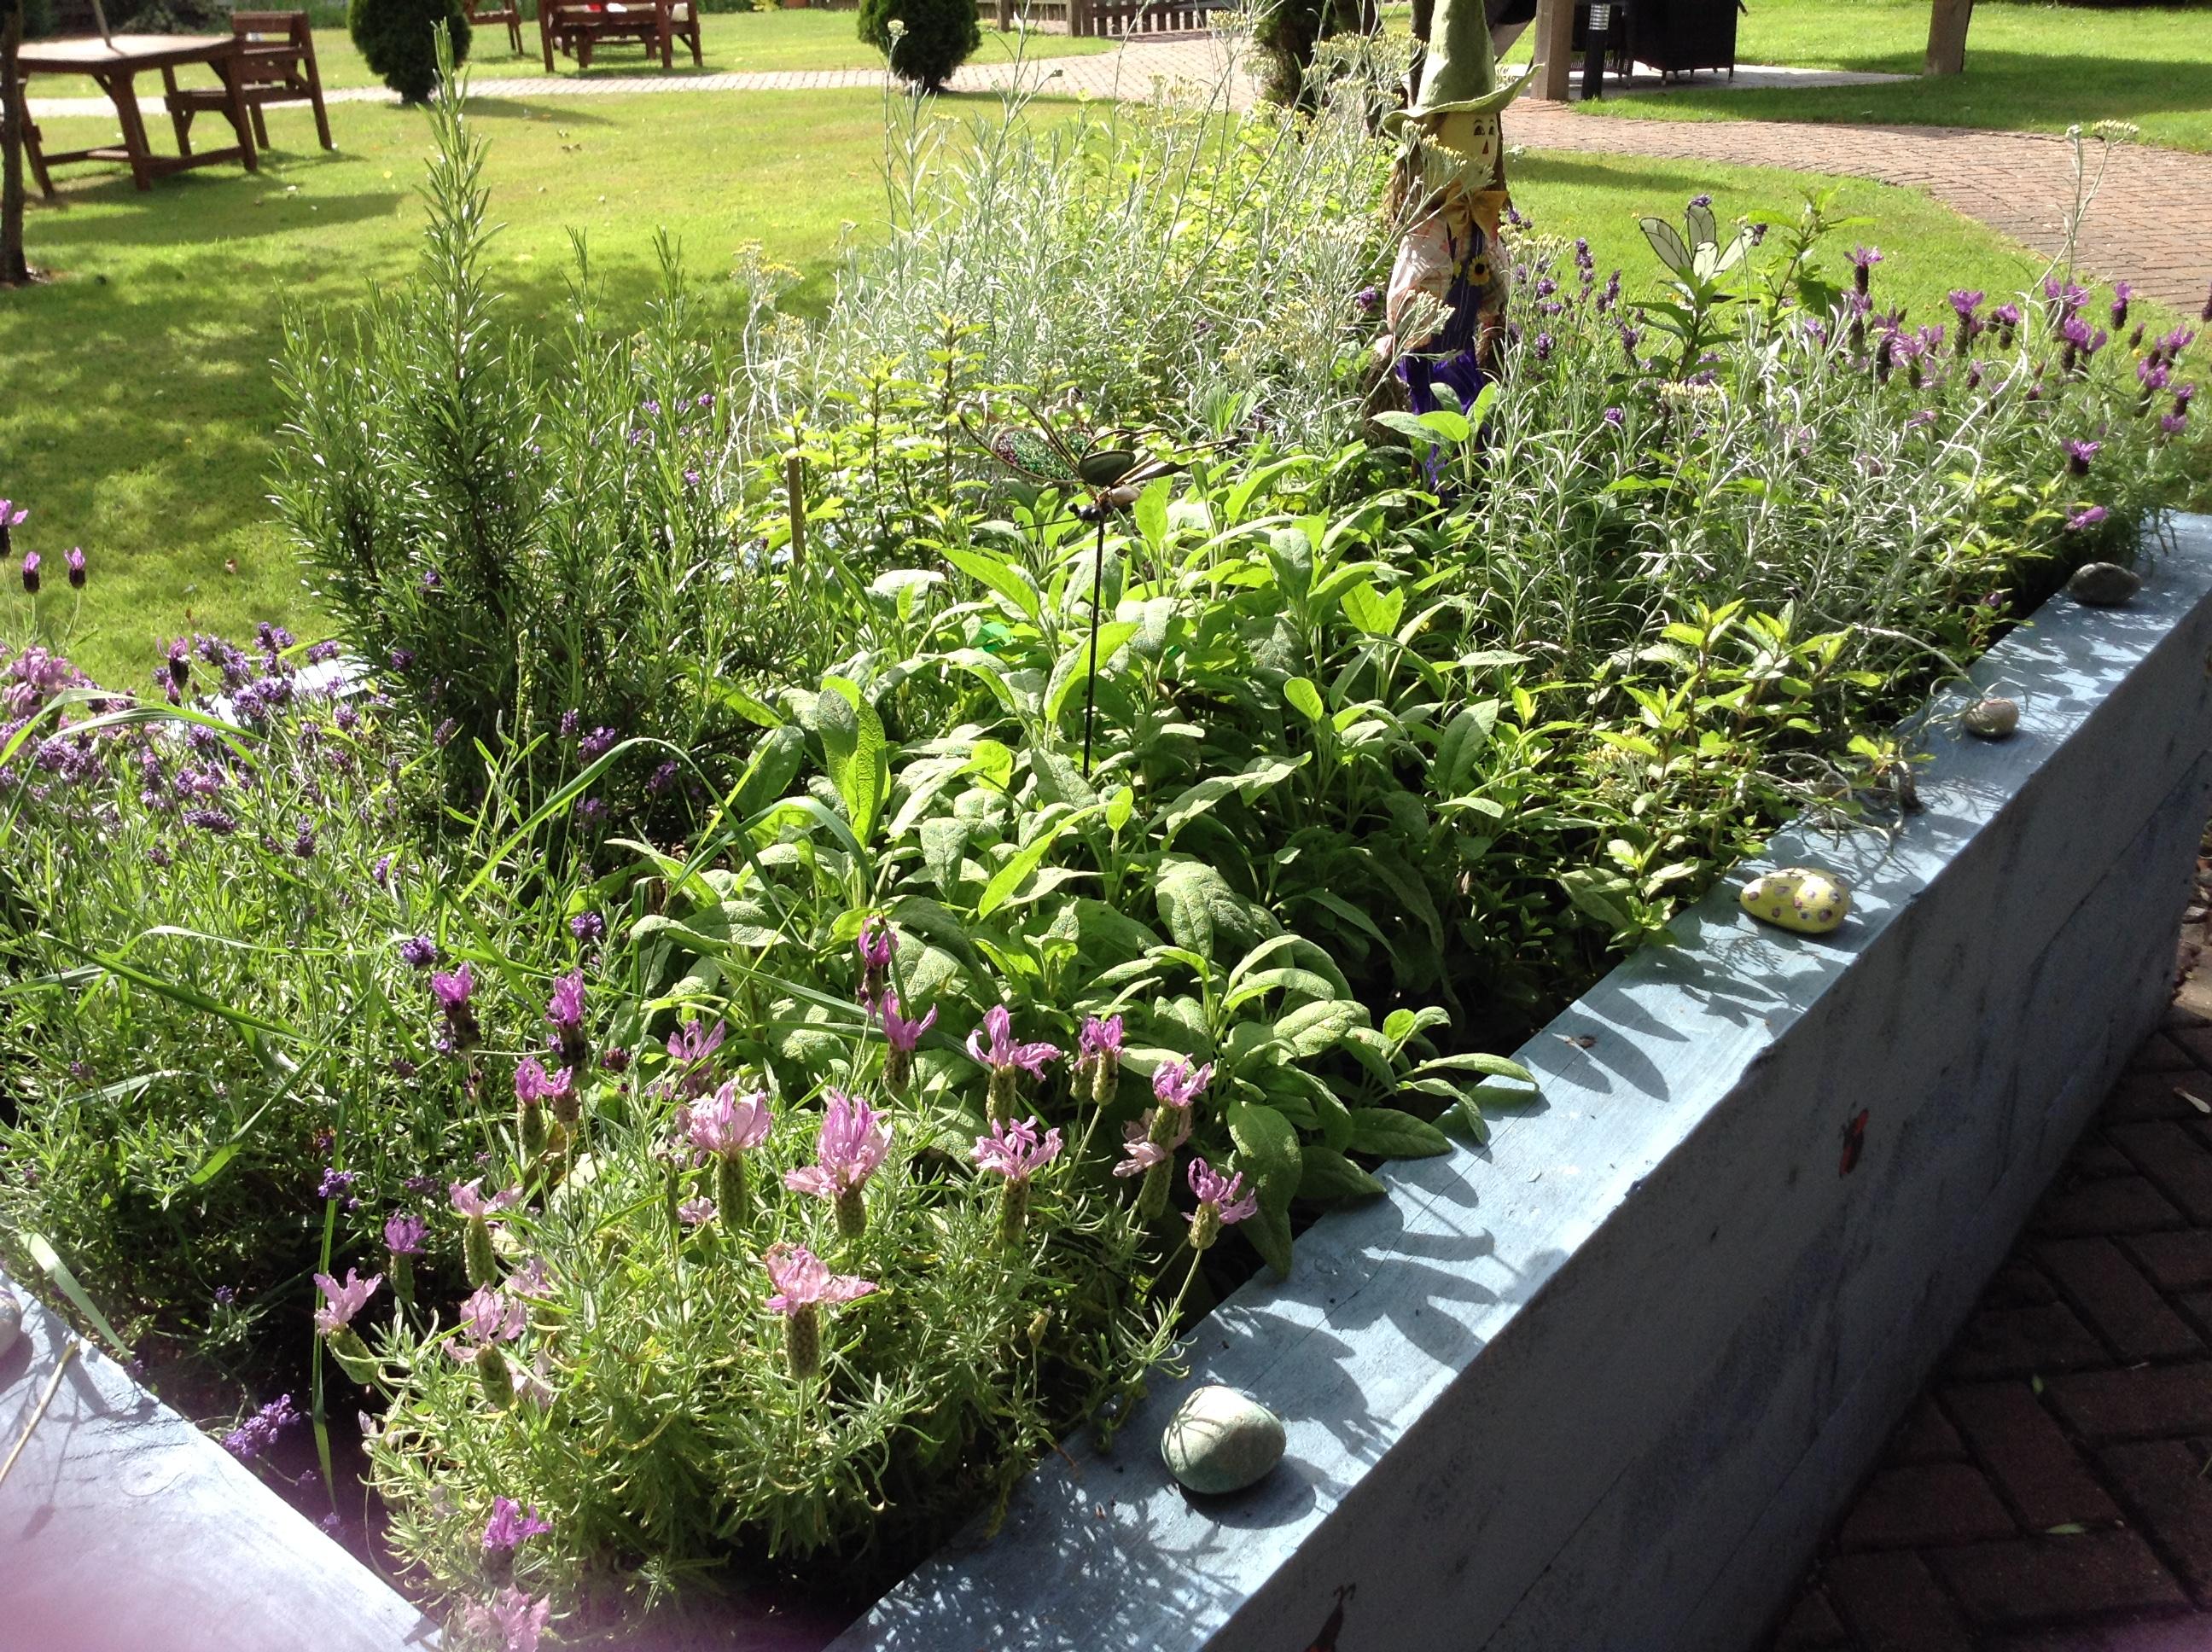 St Matthews wooden planter